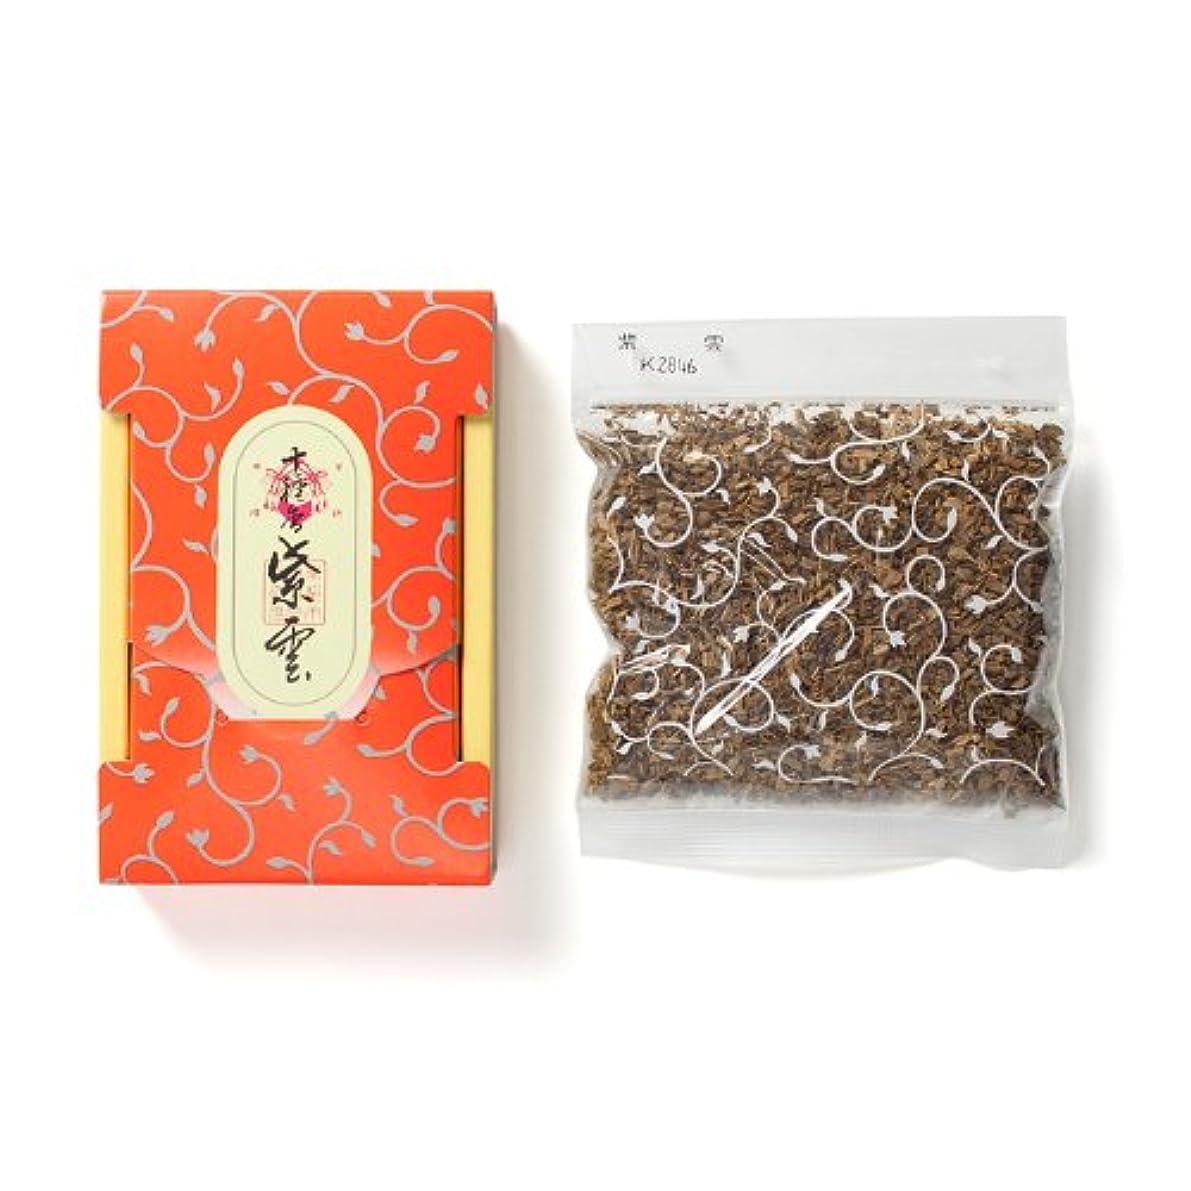 適合する隠部分松栄堂のお焼香 十種香 紫雲 25g詰 小箱入 #410941